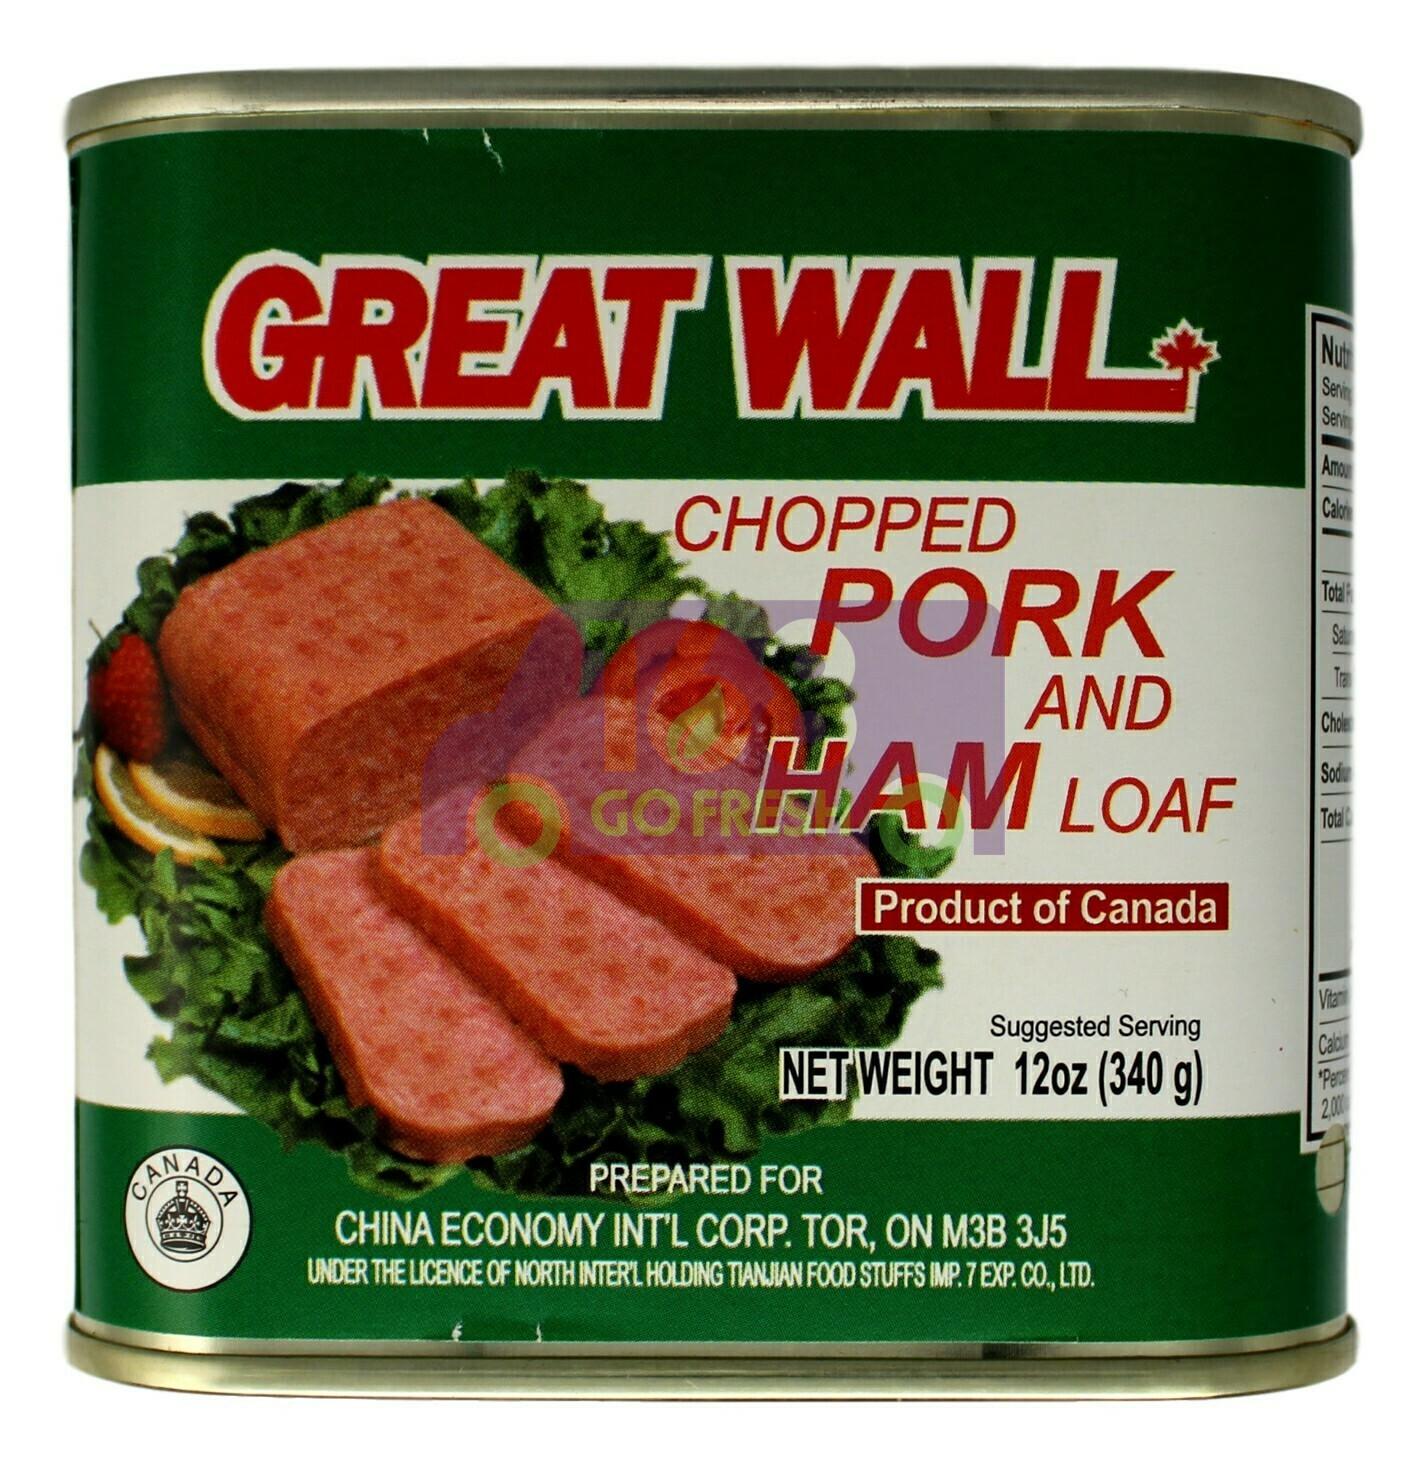 GREAT WALL HAM & PORK CHOPPED LOAF 长城牌 火腿猪肉罐头(12OZ)